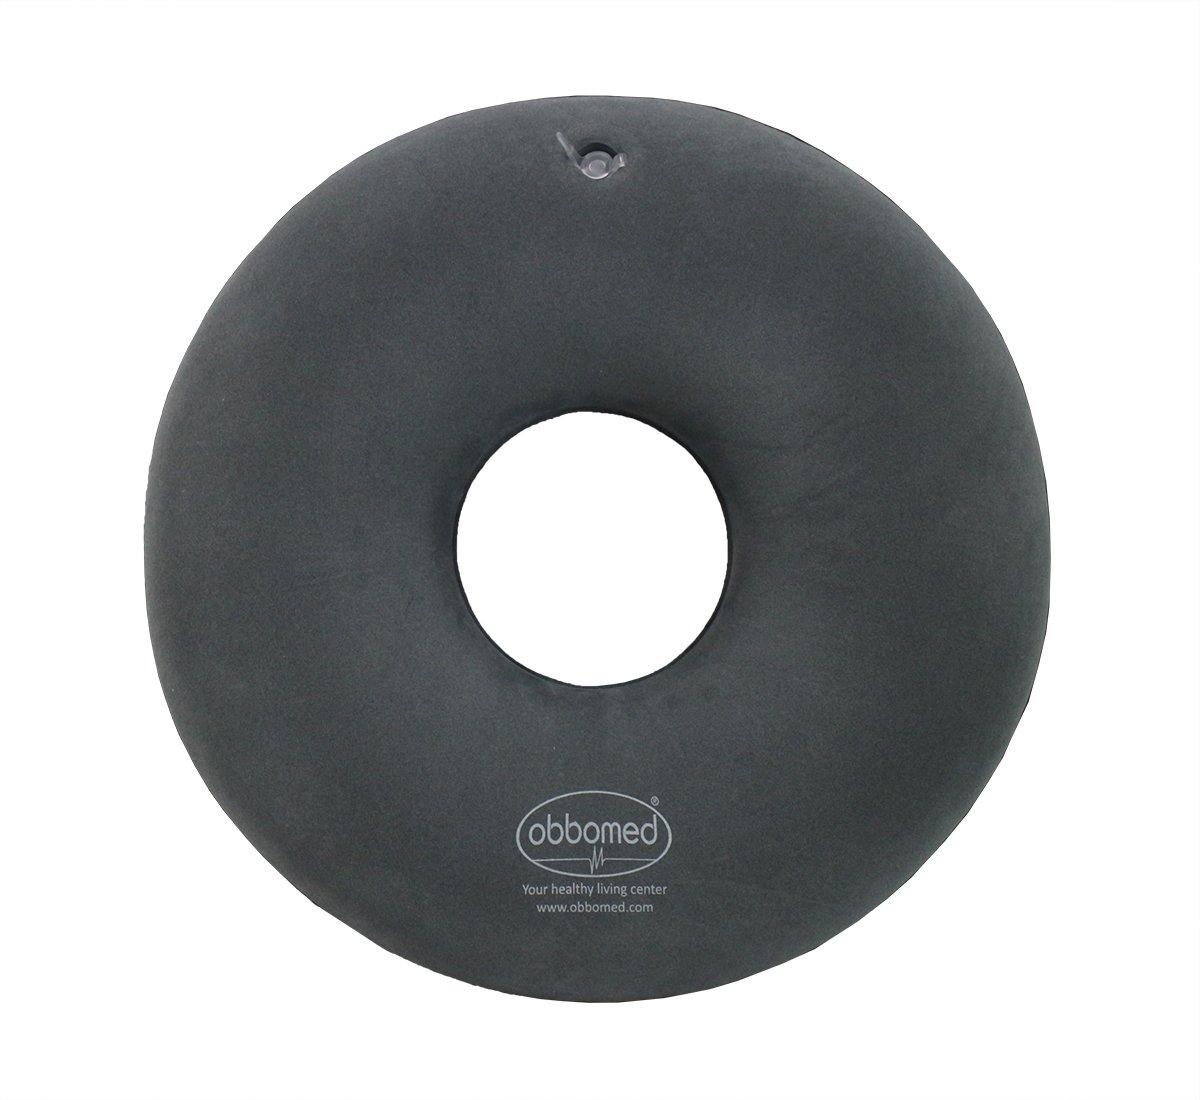 ObboMed SV-2500(38cm) - Cojín inflable plegable ortopédico con forma de anillo o donut para aliviar el dolor en pelvis, coxis, presión del coxis, ...